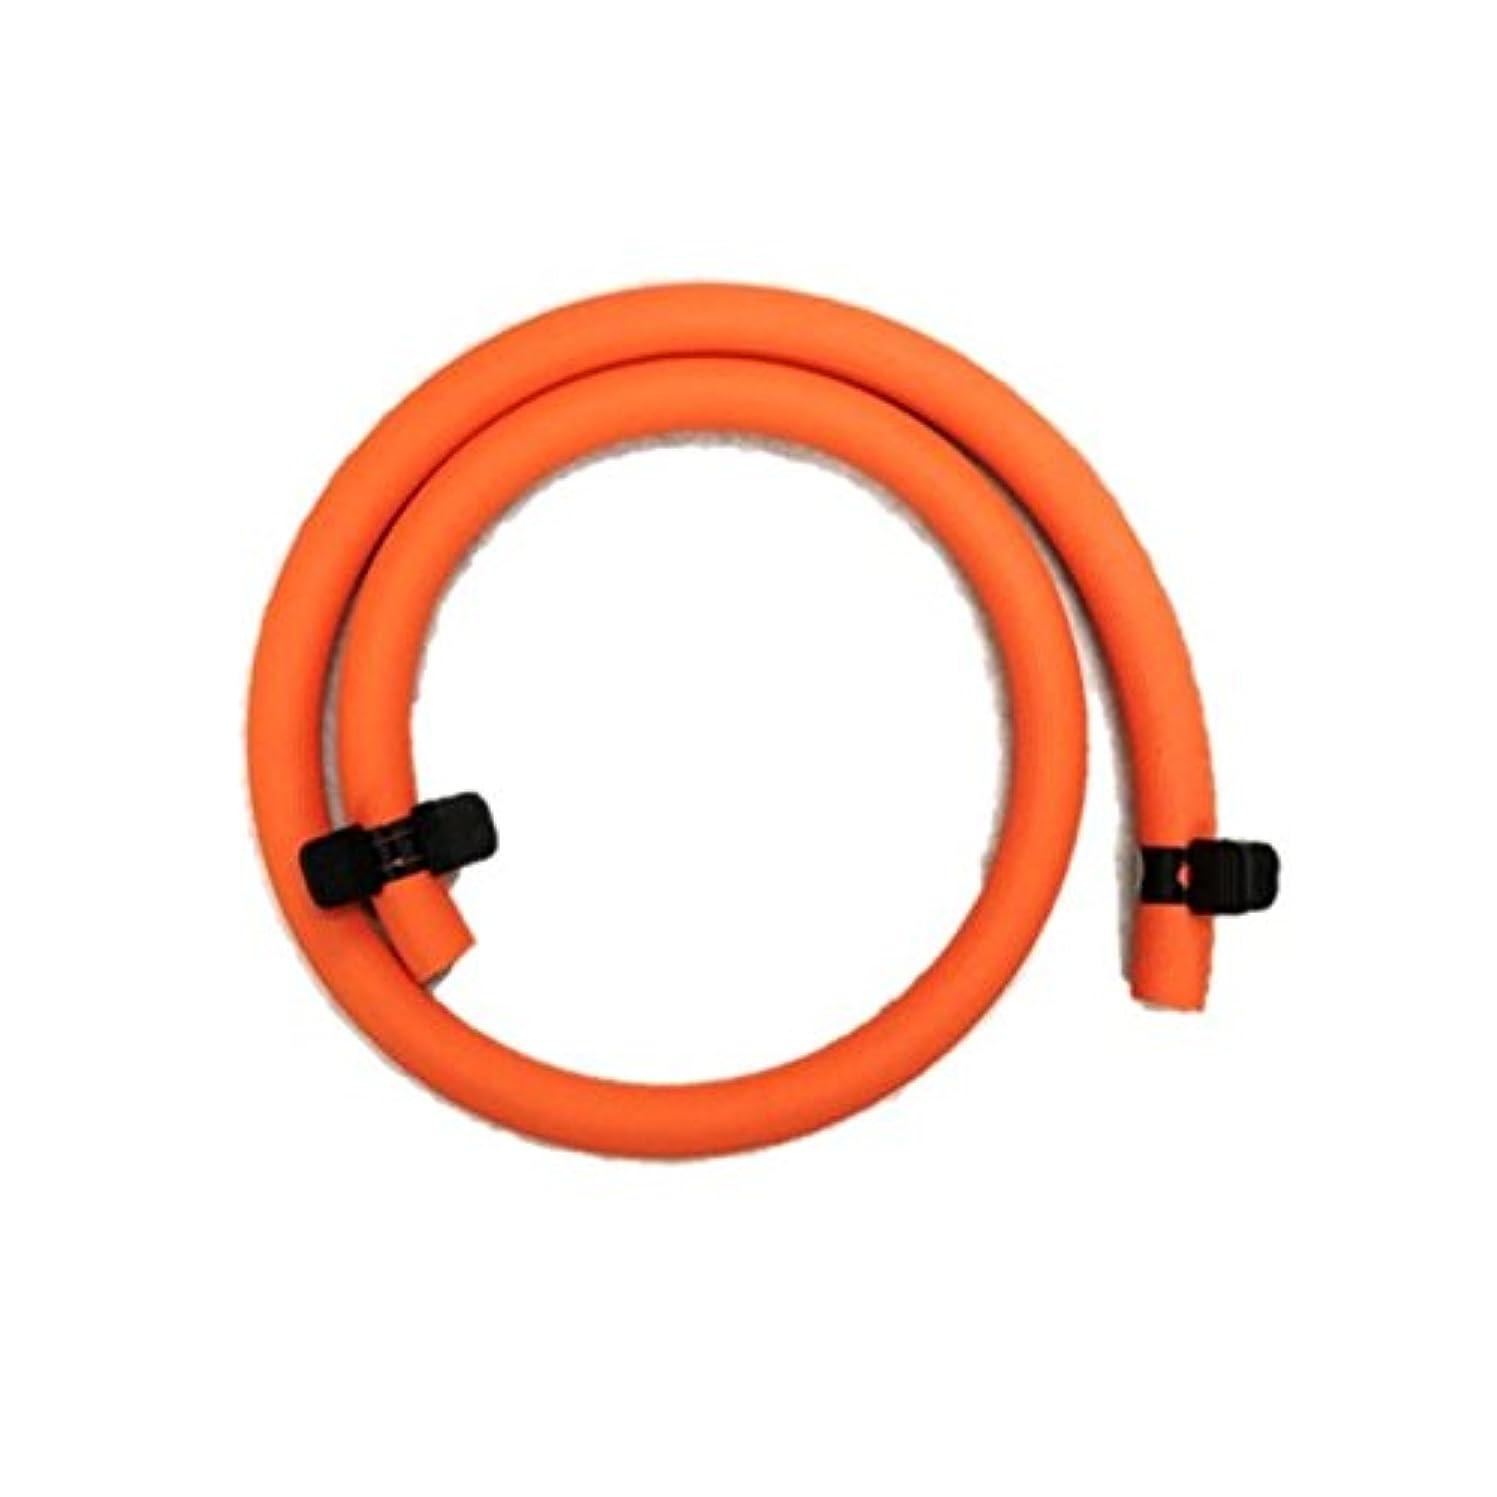 財産教師の日ひまわりLPG用ゴム管(プロパン用 内径9.5mm) 0.9m